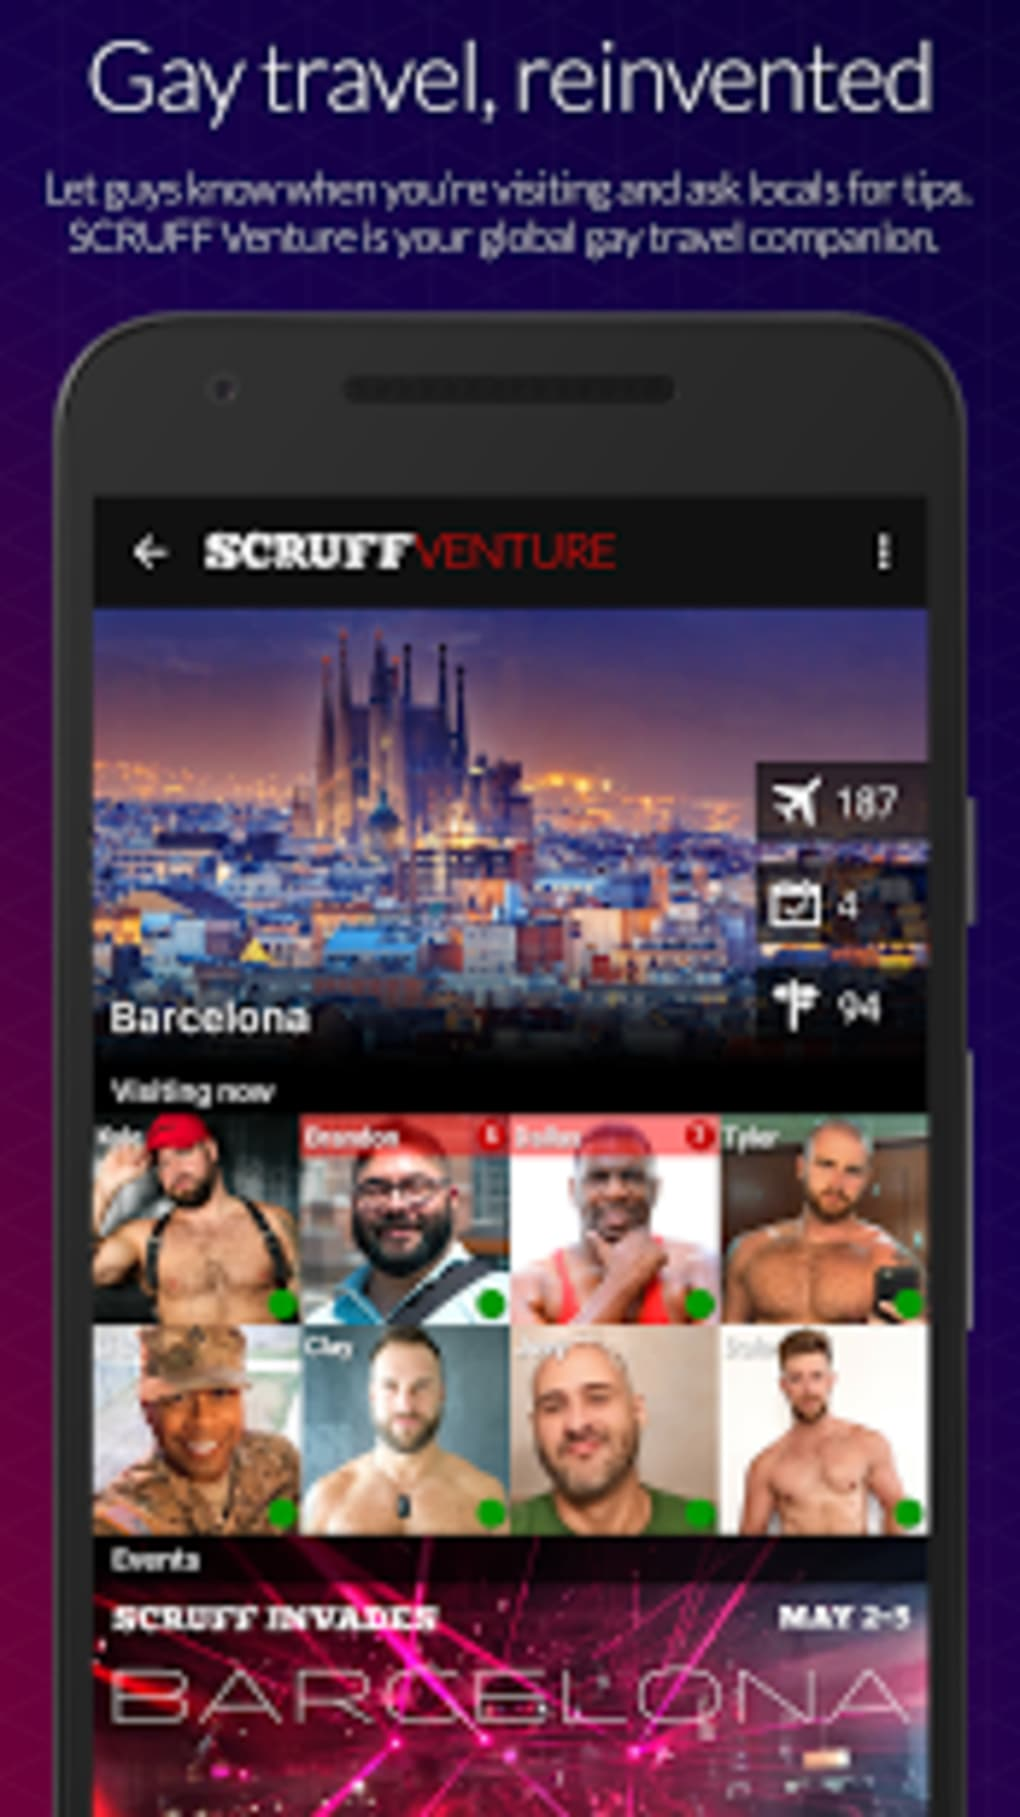 Gay dating app barcelona